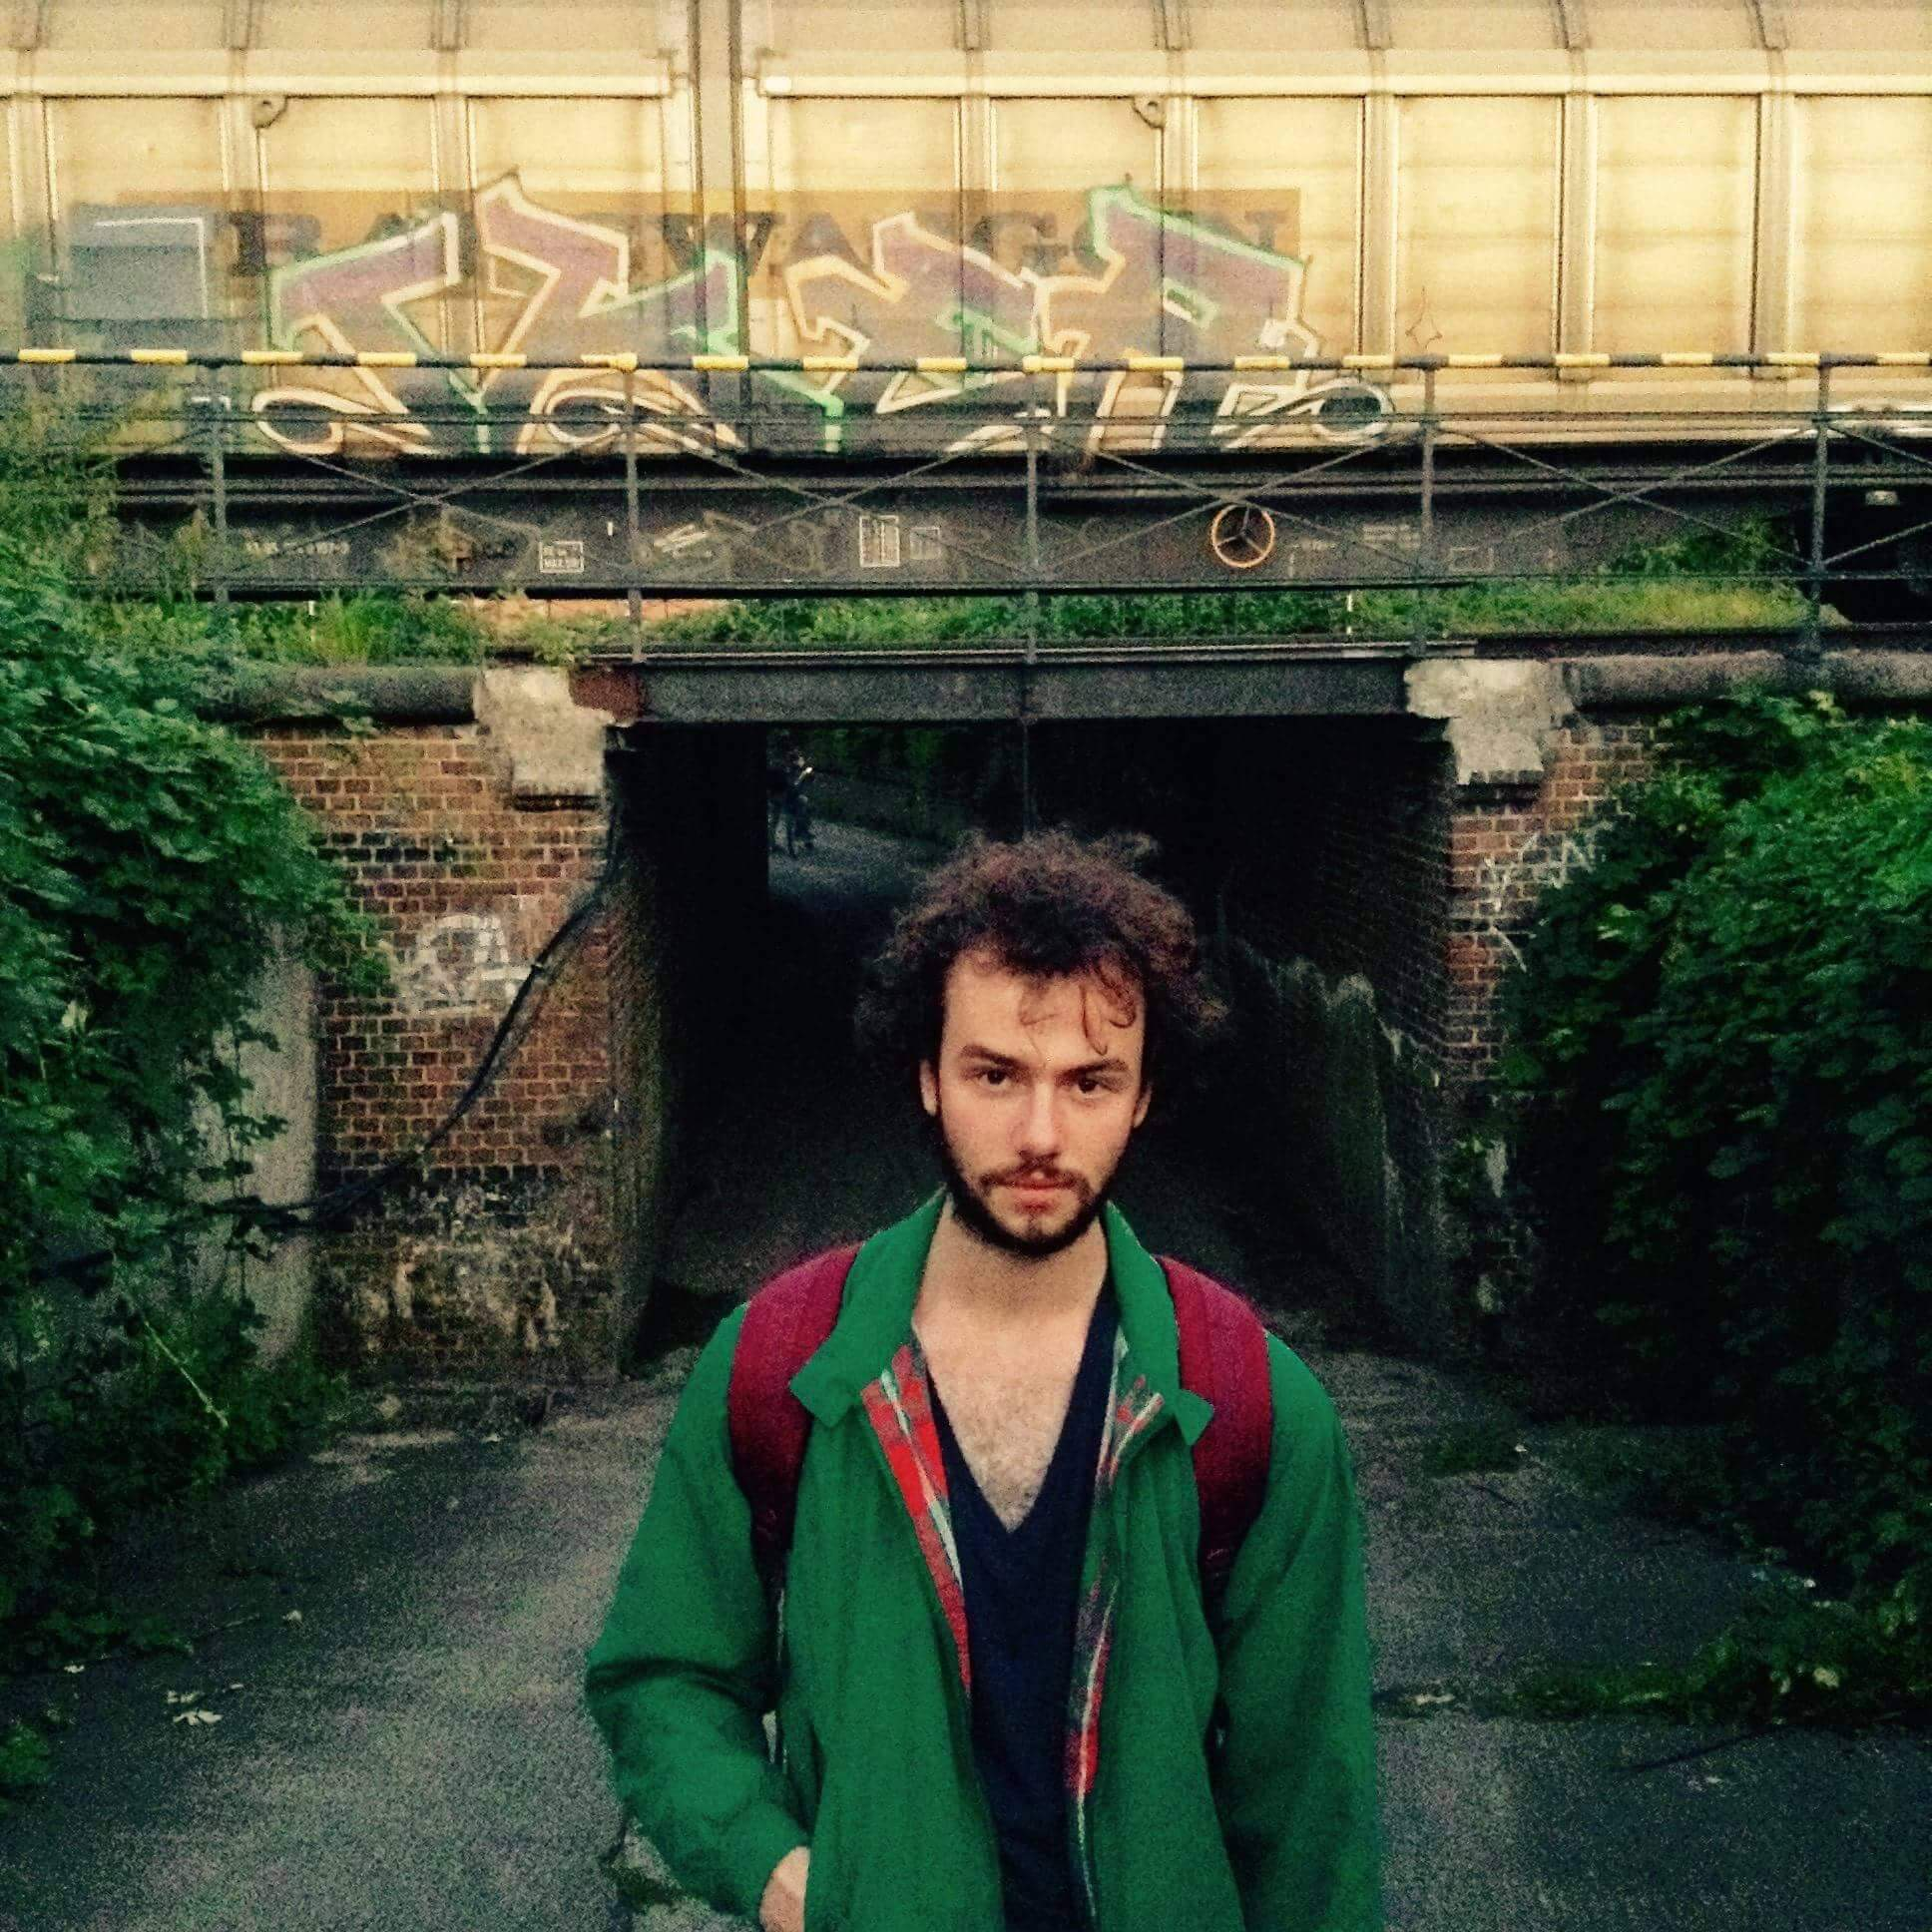 Der Sänger Tillmann Frohberg ist beim Wohnzimmerkonzert am Start – unplugged und hautnah!